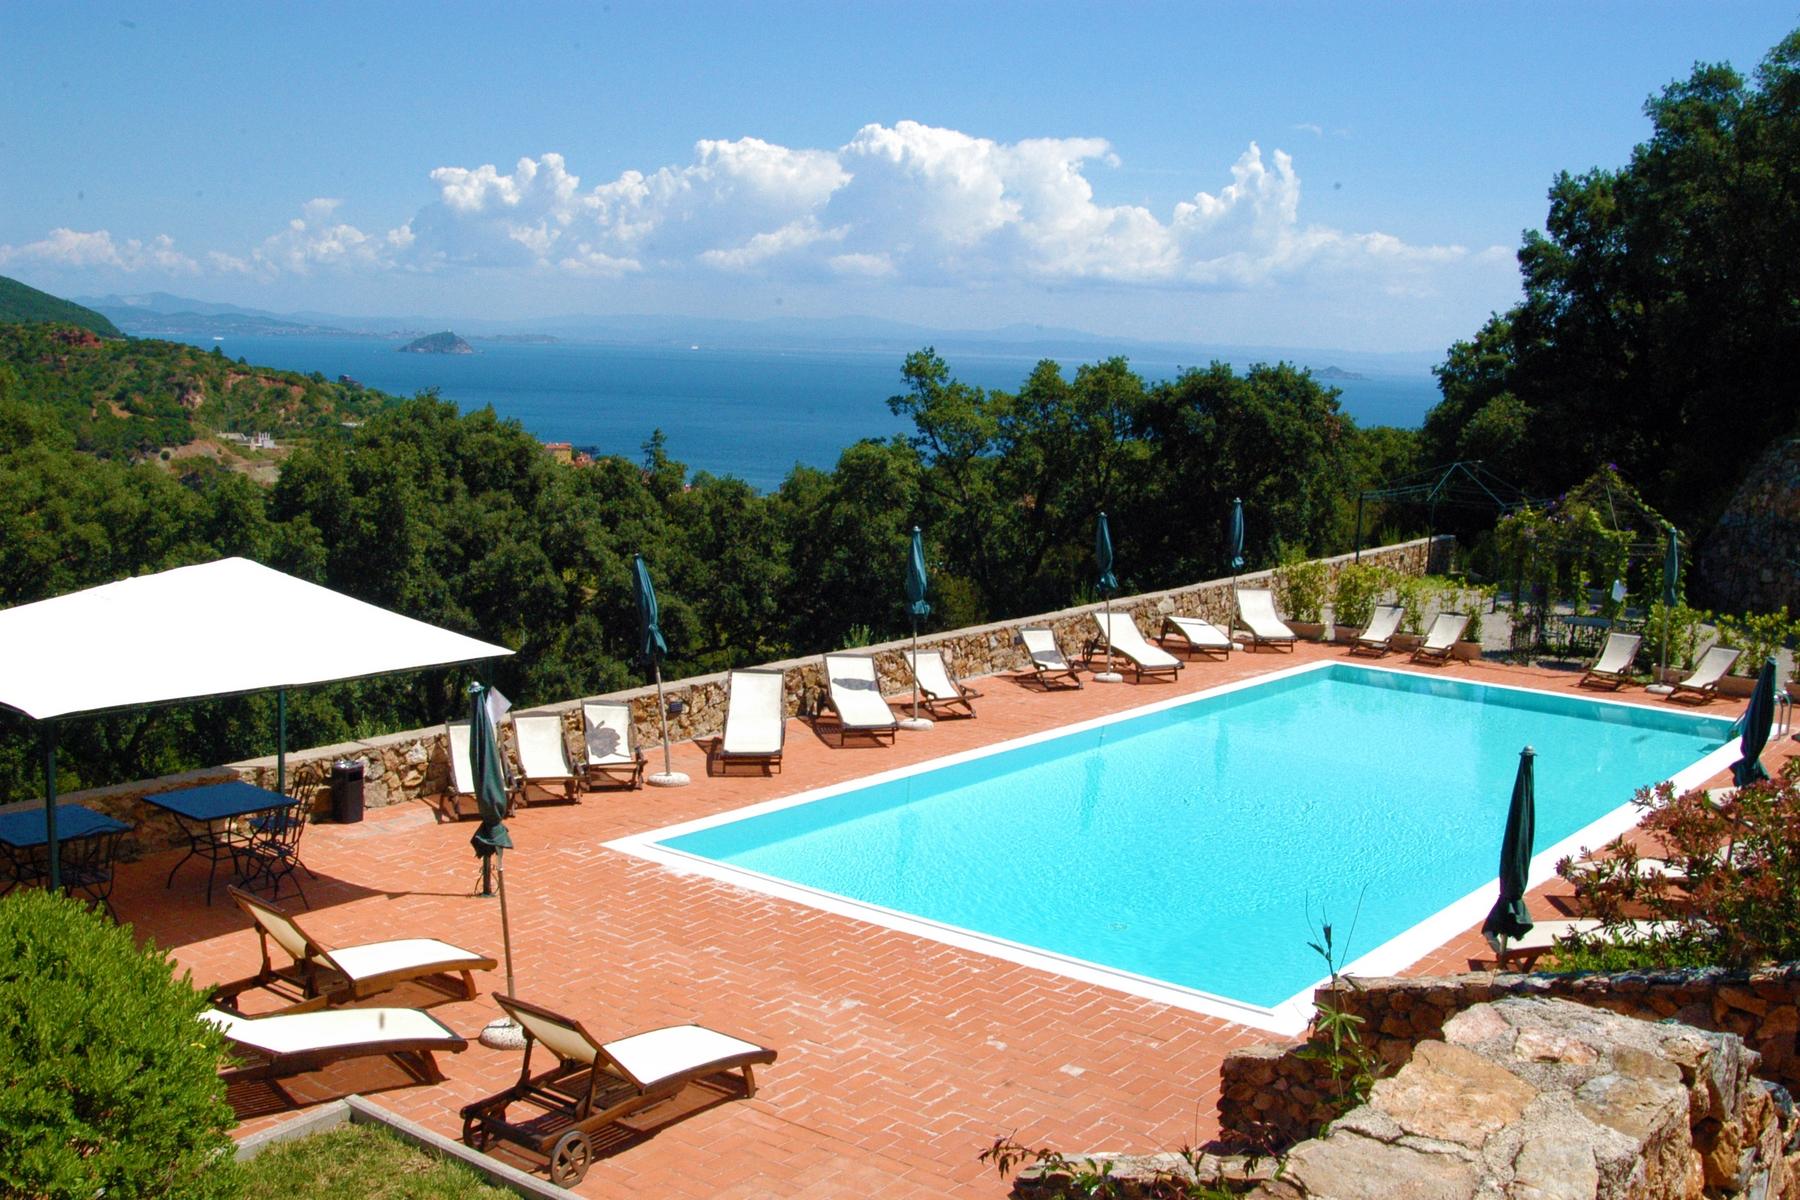 Farm / Ranch / Plantation for Sale at Panoramic farmhouse with winery Rio Marina Rio Marina, Livorno 57038 Italy